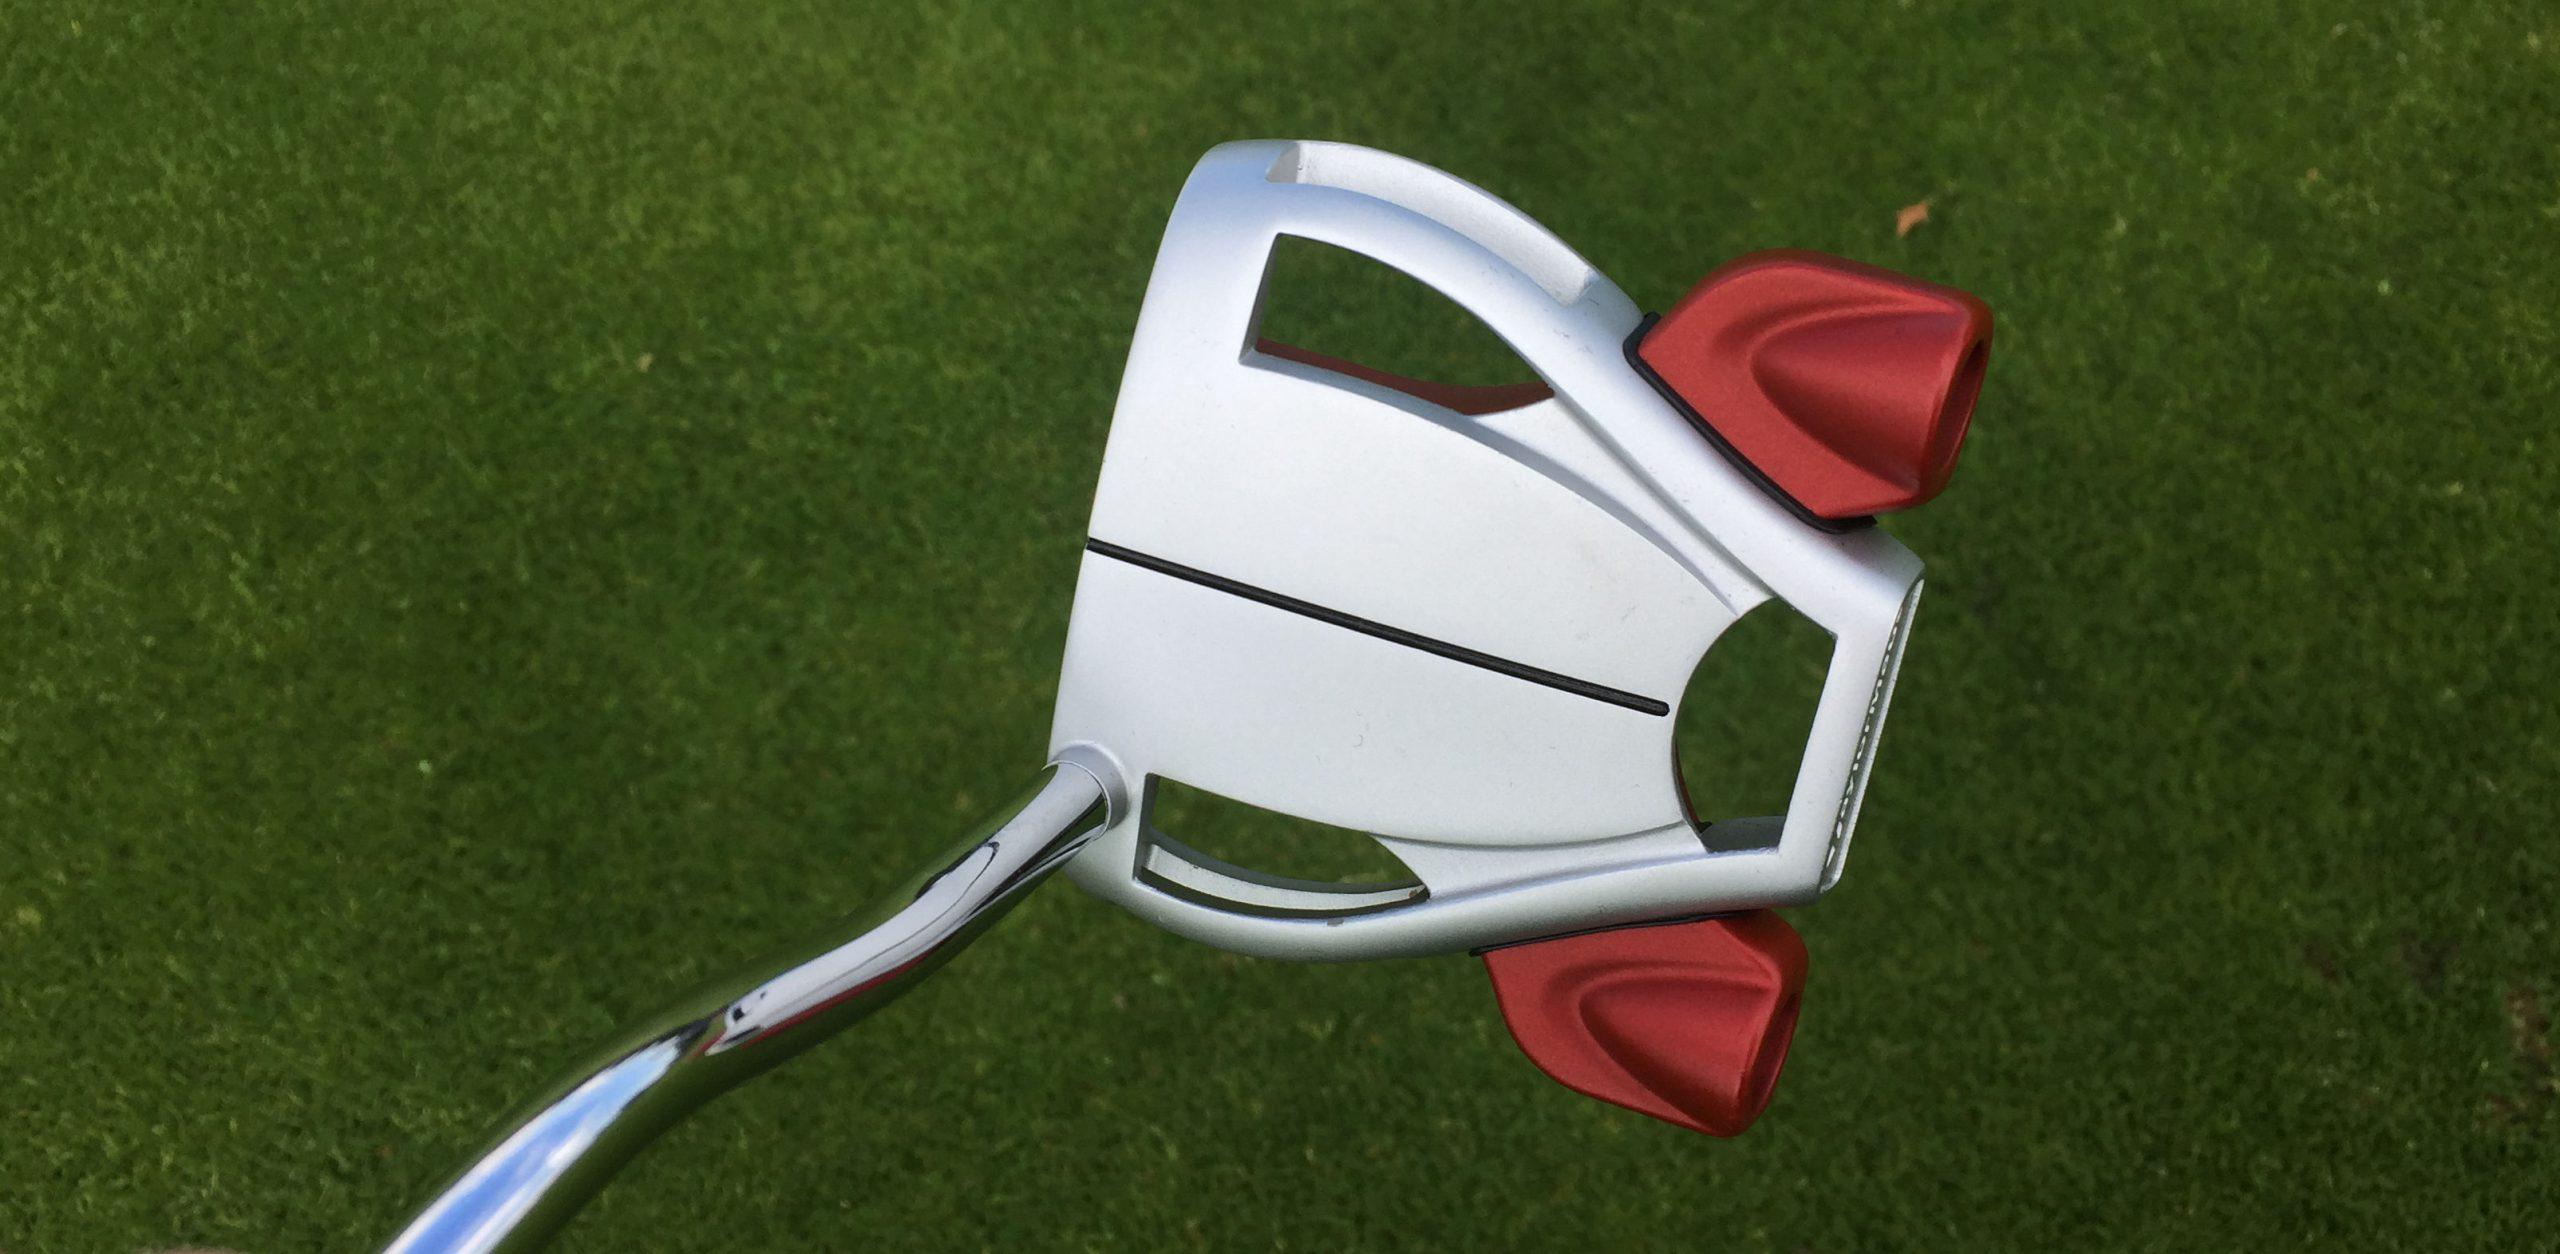 Golfschläger von Taylor Made Putter - Spider